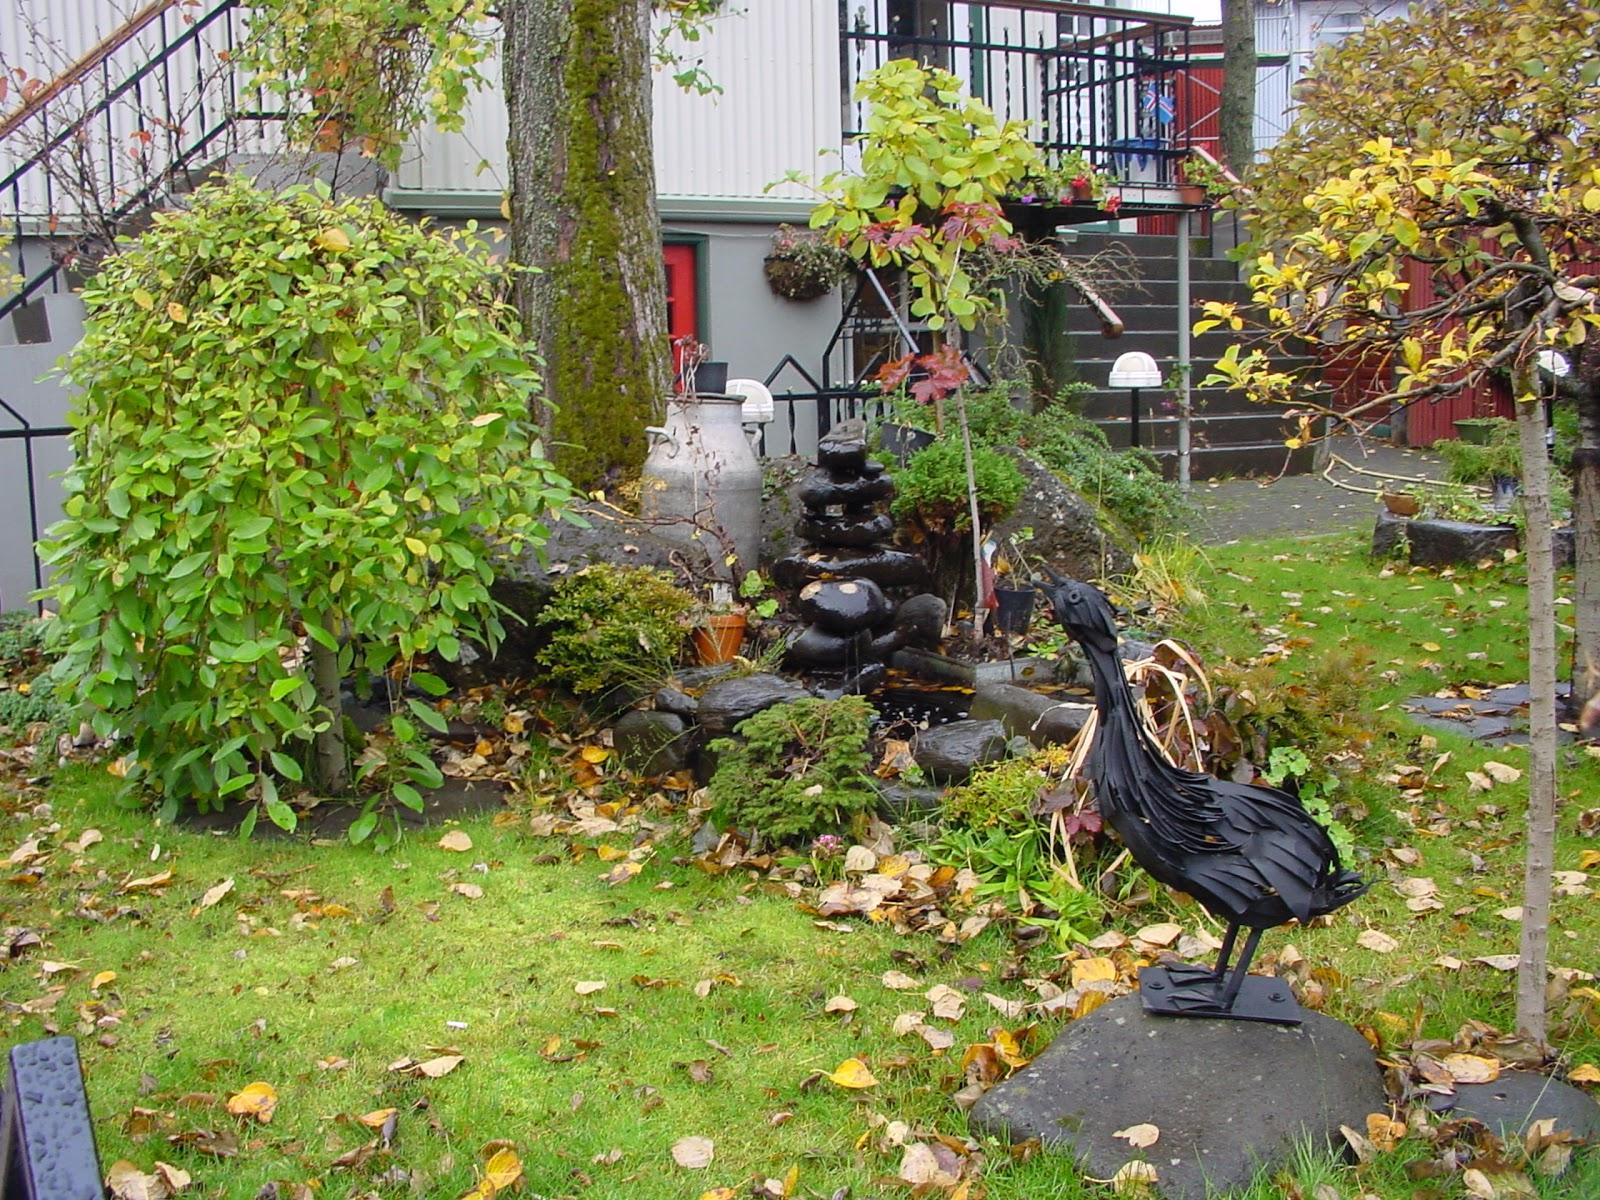 Jardineria eladio nonay jardiner a eladio nonay jard n for Jardines reciclados